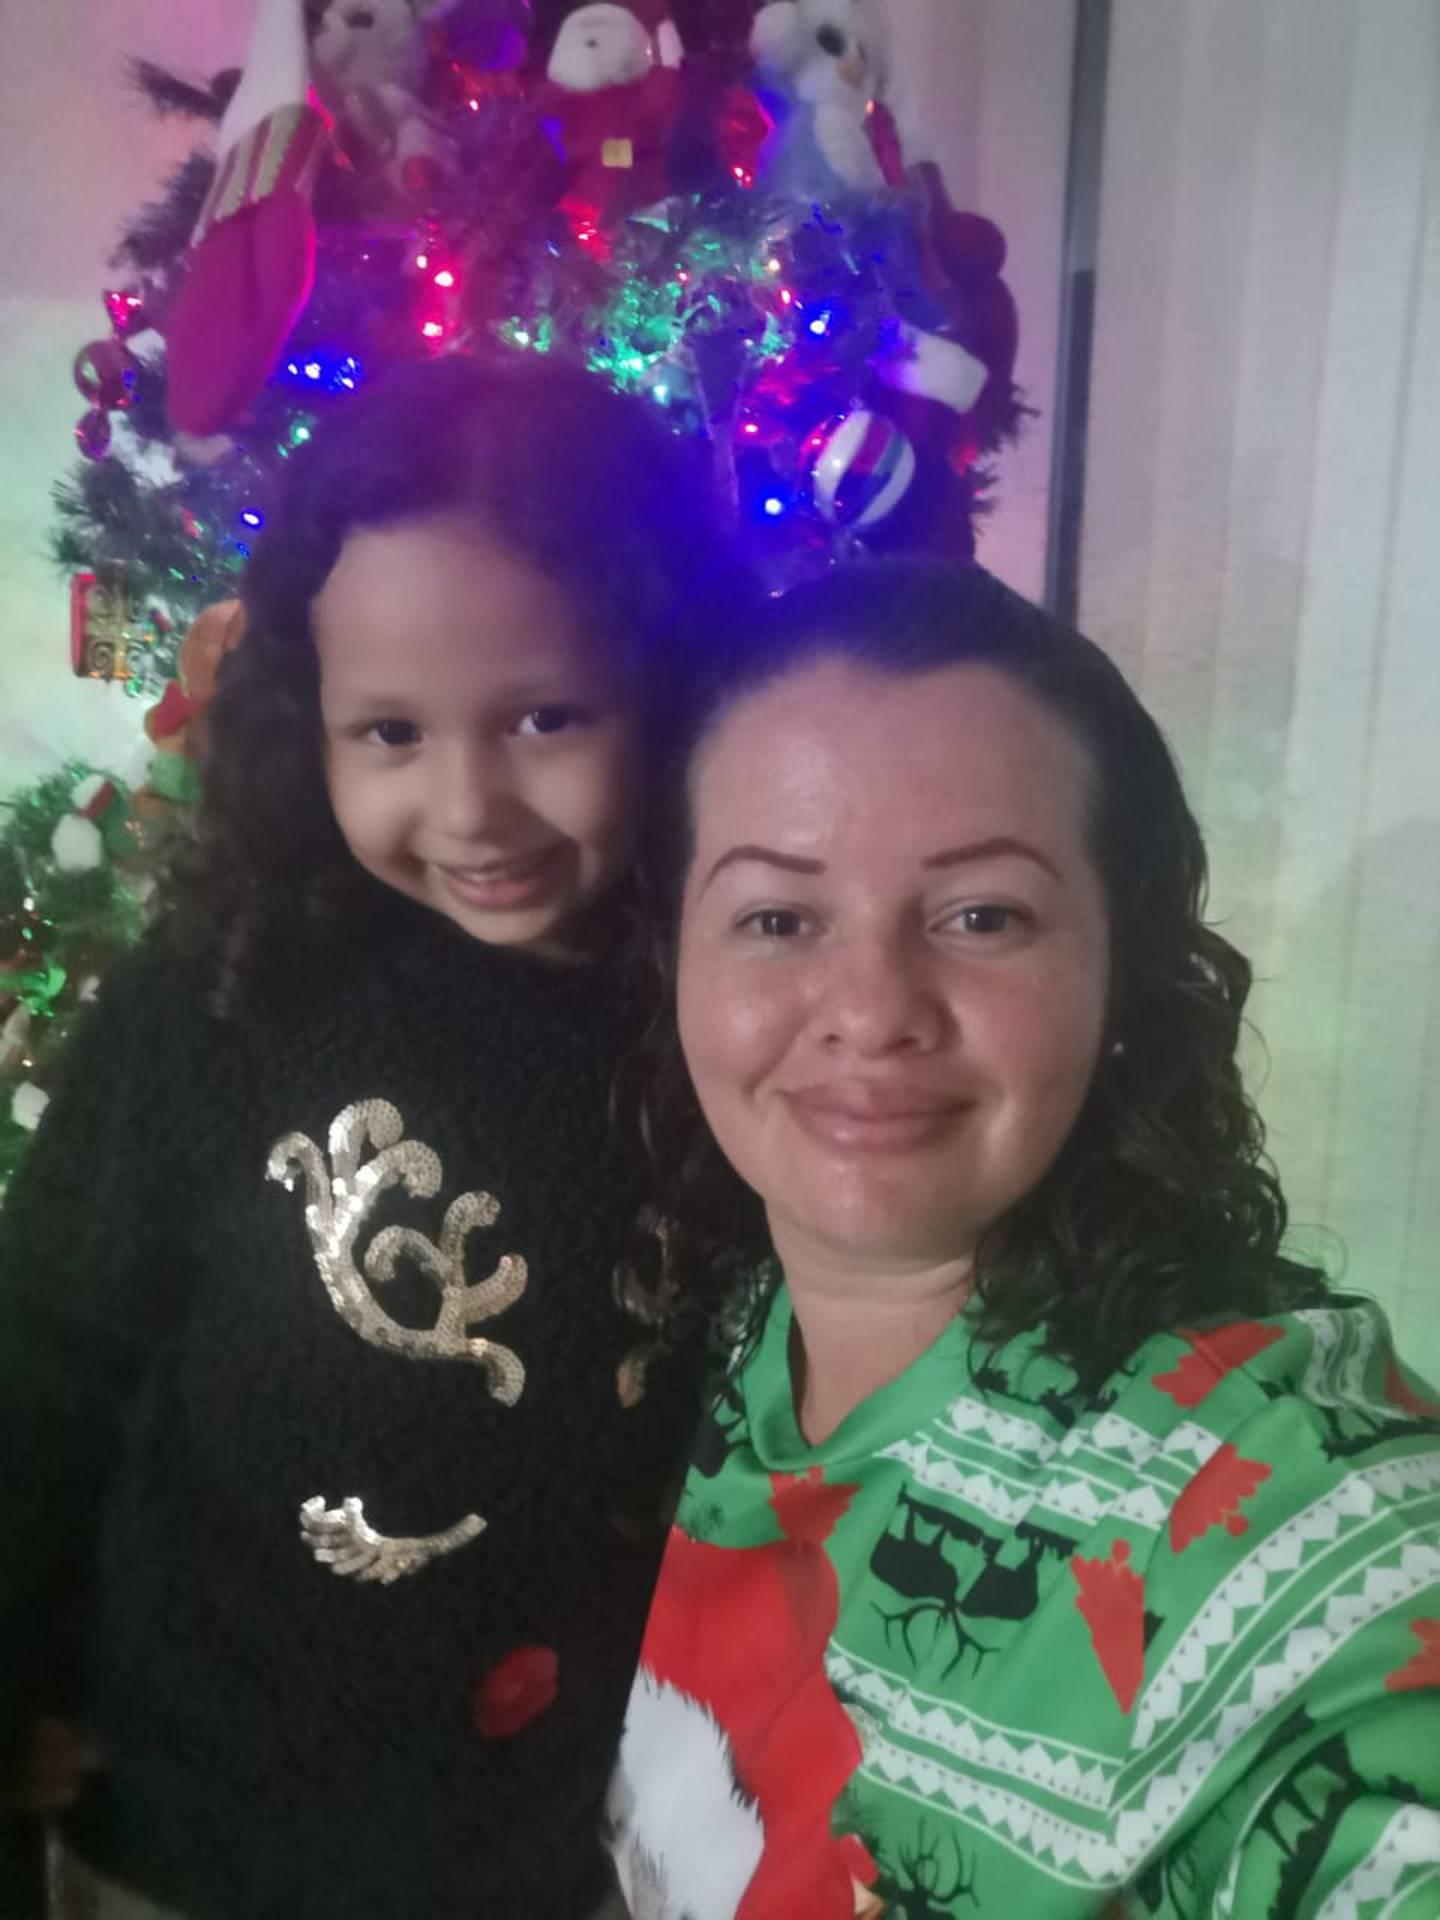 """Laura Barrientos, quien tiene 37 años, 3 hijos y es de Lagunilla de Heredia. """"Yo comencé a adornar antitos del 15 de setiembre y lo hice porque si bien siempre en casa hemos amado la navidad. Laura Barrientos, quien tiene 37 años, 3 hijos y es de Lagunilla de Heredia. """"Yo comencé a adornar antitos del 15 de setiembre y lo hice porque si bien siempre en casa hemos amado la navidad. En la foto con su hija Luciana de 6 años."""